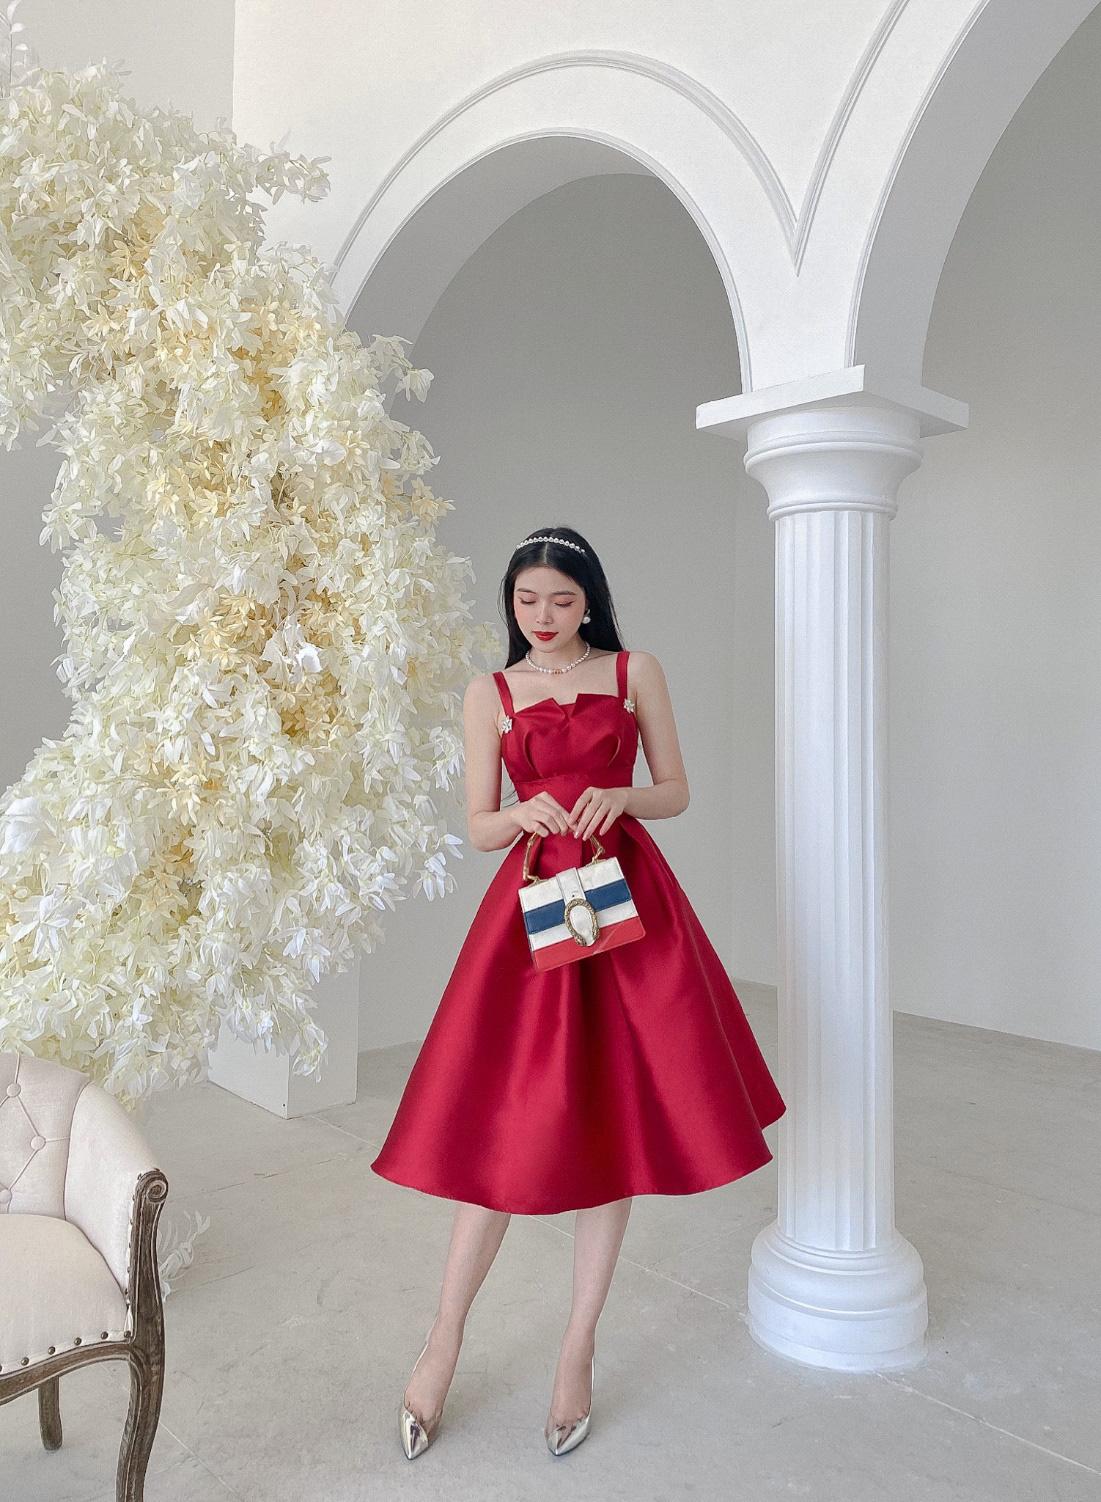 Gợi ý 8 mẫu váy đỏ đẹp cực phẩm, biến nàng trở thành tiêu điểm từ tiệc tất niên cho tới buổi du xuân đầu năm - Ảnh 2.